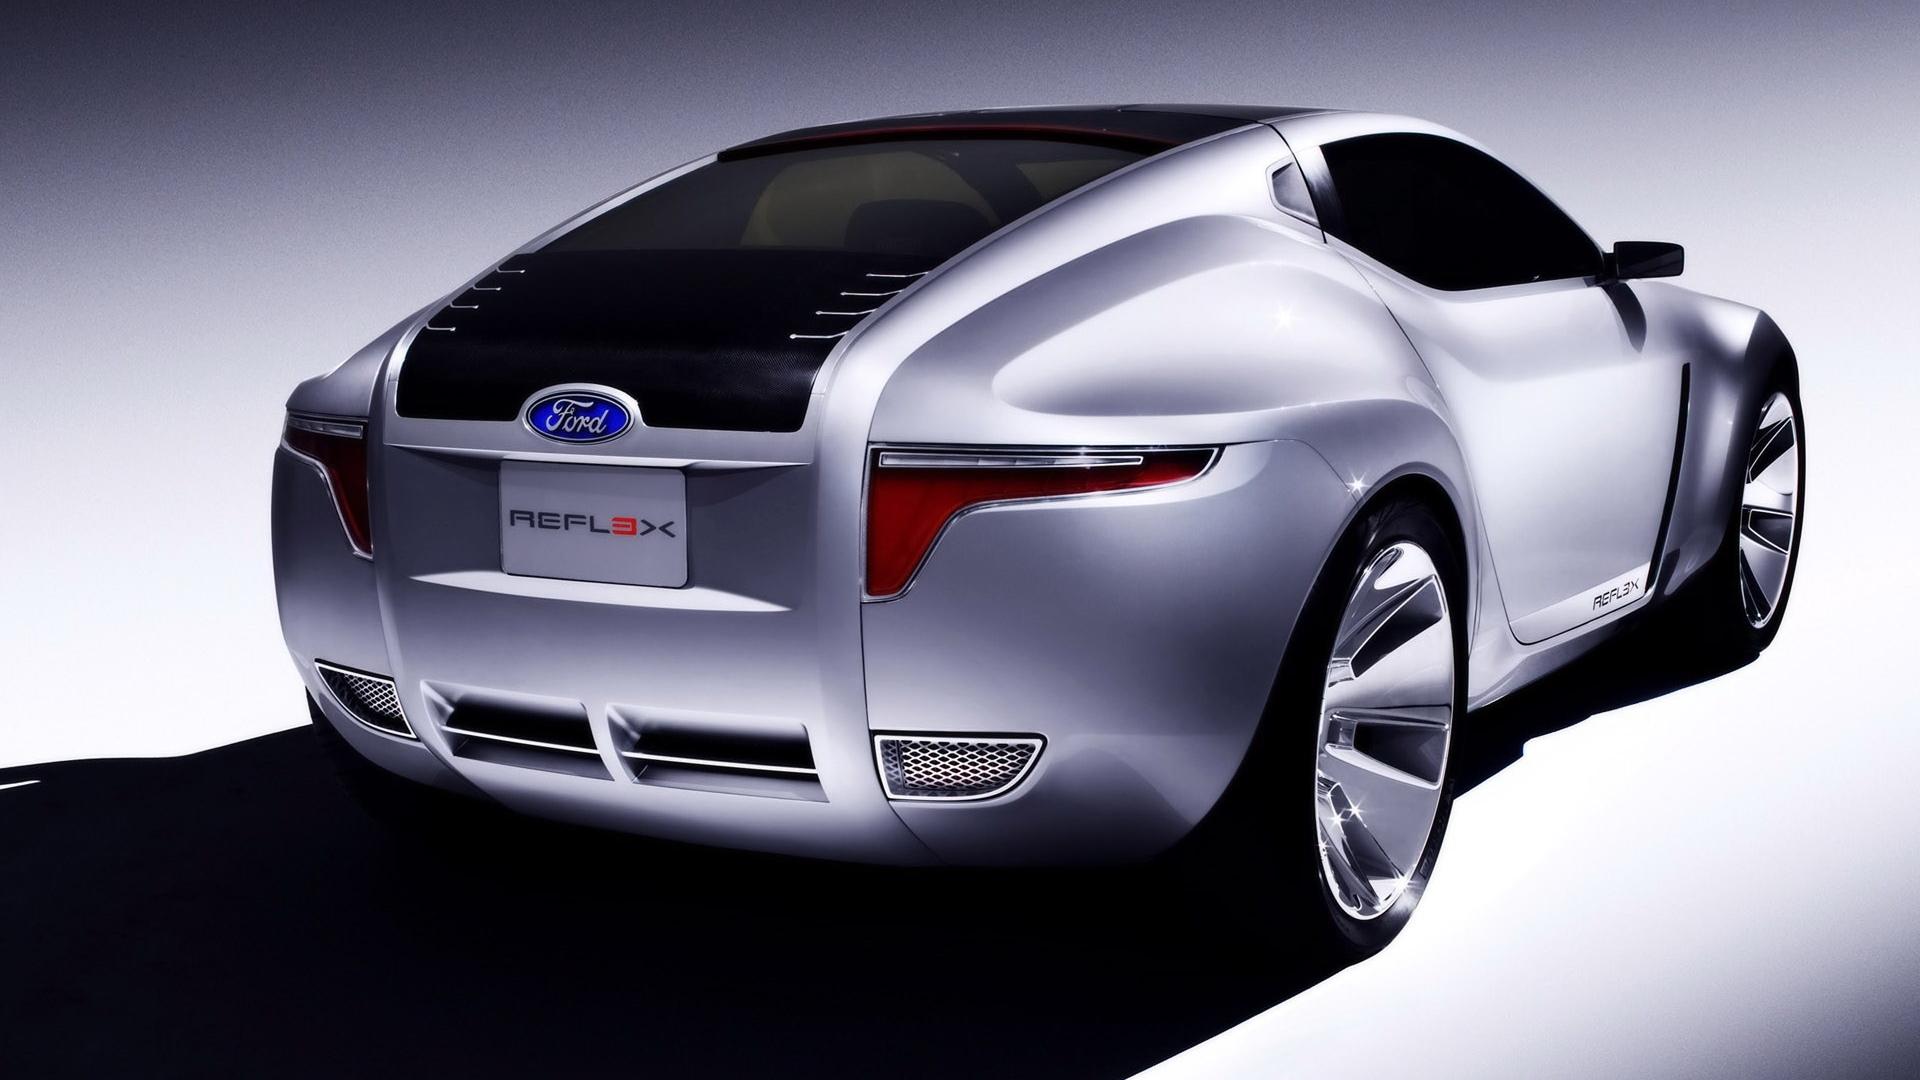 26092 скачать обои Транспорт, Машины, Форд (Ford) - заставки и картинки бесплатно